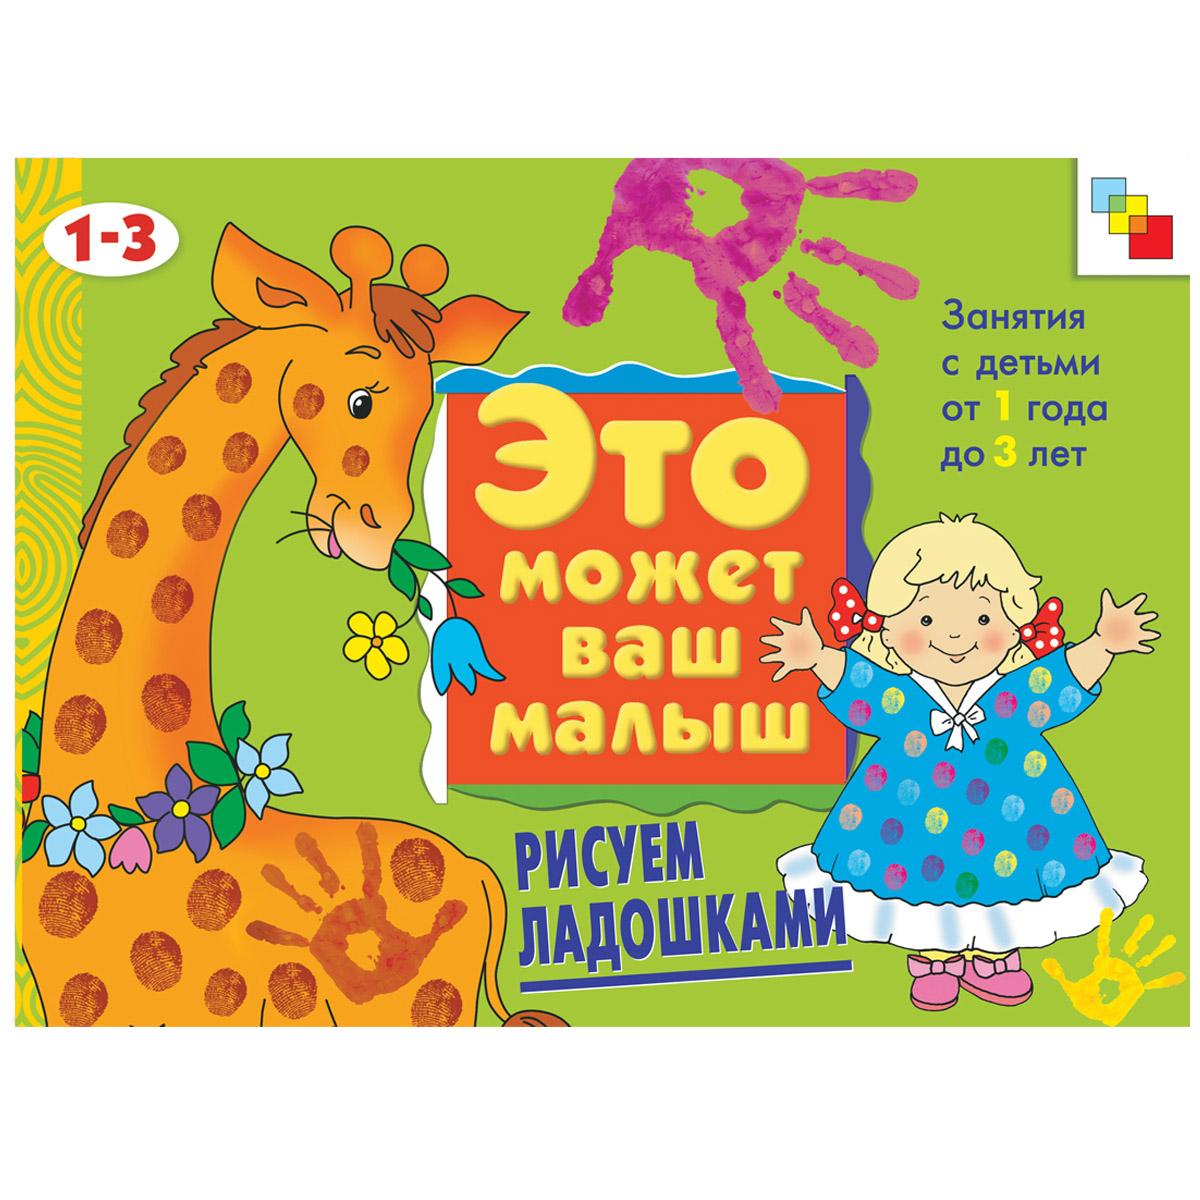 Художественный альбом для занятий с детьми 1-3 лет. Это может ваш малыш Рисуем ладошками<br>